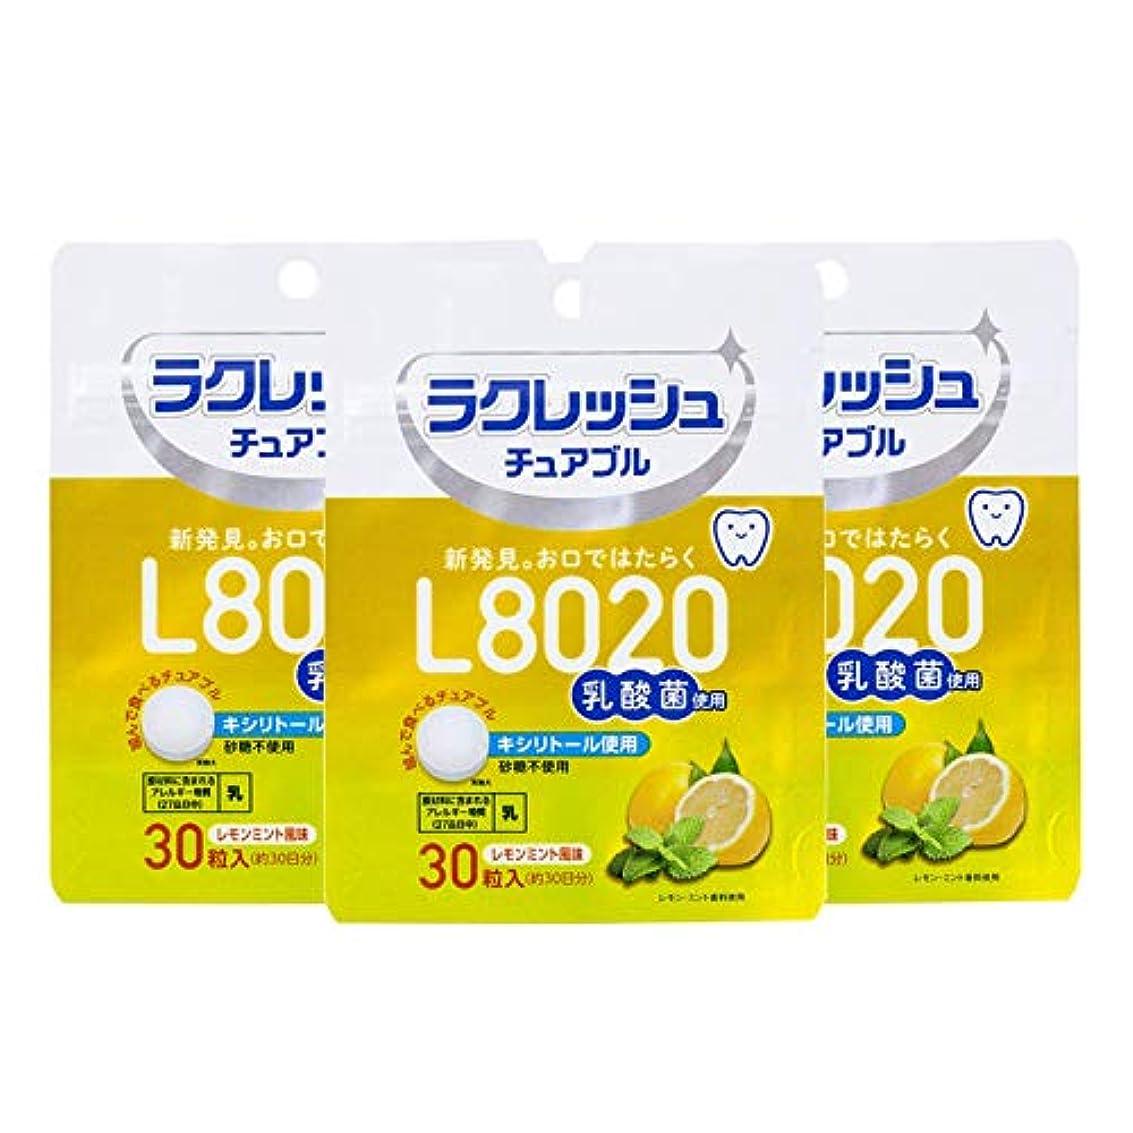 ダウン本土内側L8020乳酸菌ラクレッシュ チュアブル レモンミント風味(30粒) 3袋 タブレット